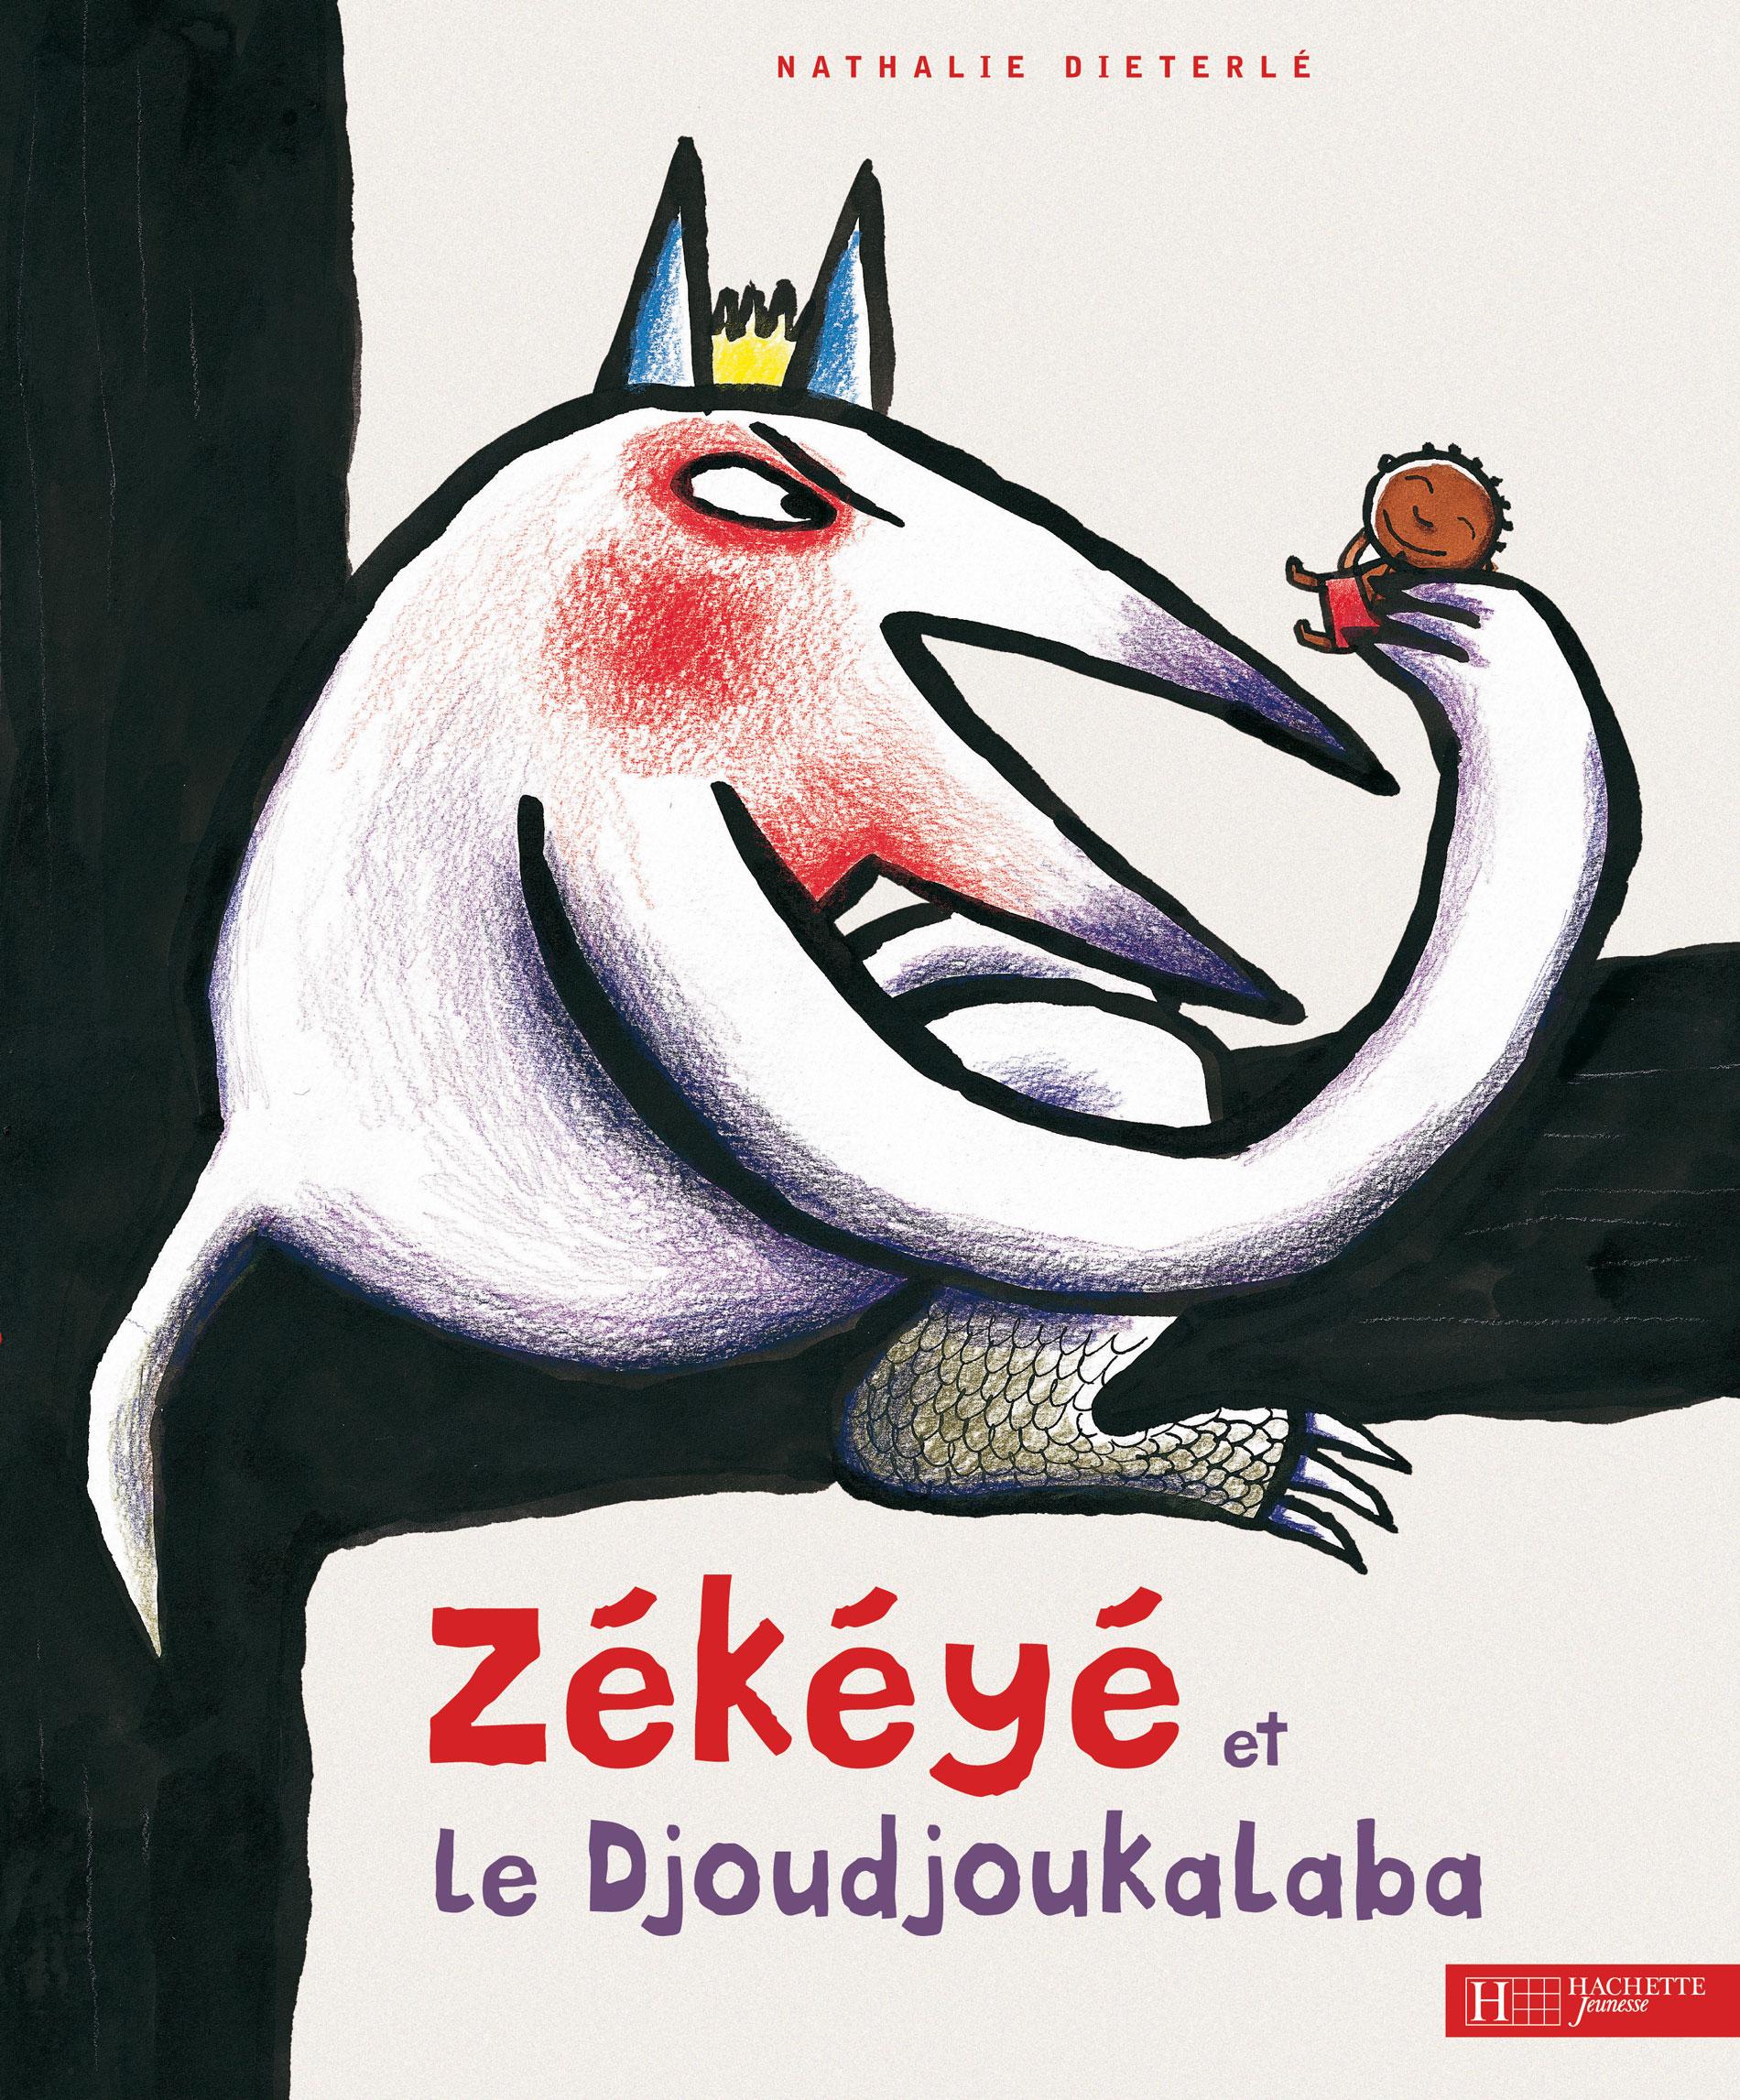 """Couverture de """"Zékéyé et le djoudjoukalaba"""" album jeunesse écrit et illustré par Nathalie Dieterlé et édité par Hachette jeunesse"""